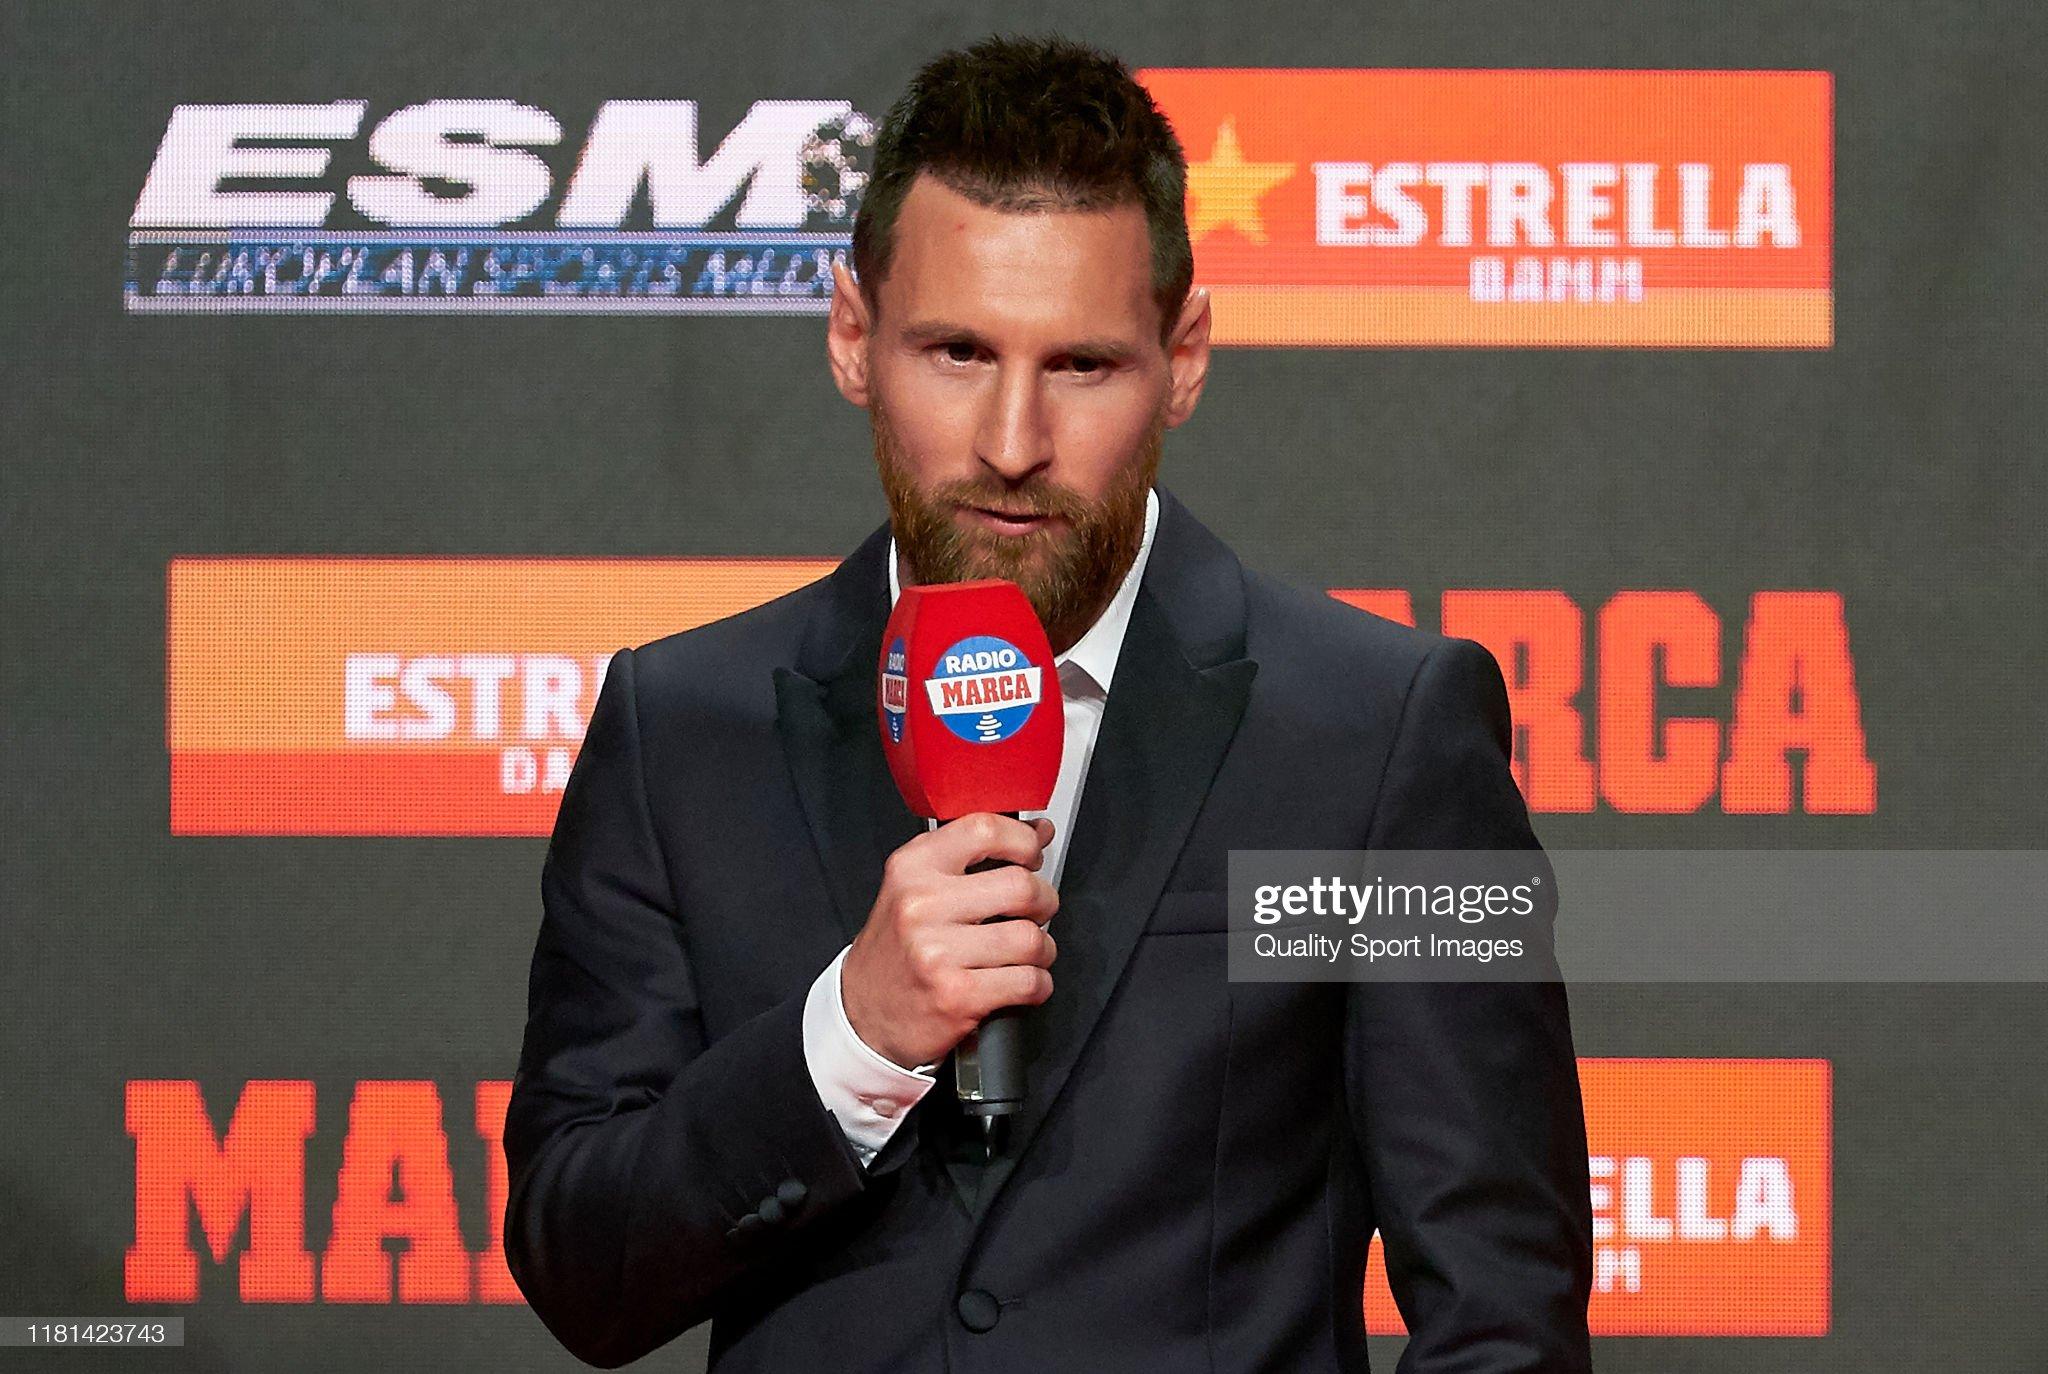 Messi van Deykning afzal tomonlarini aytib berdi